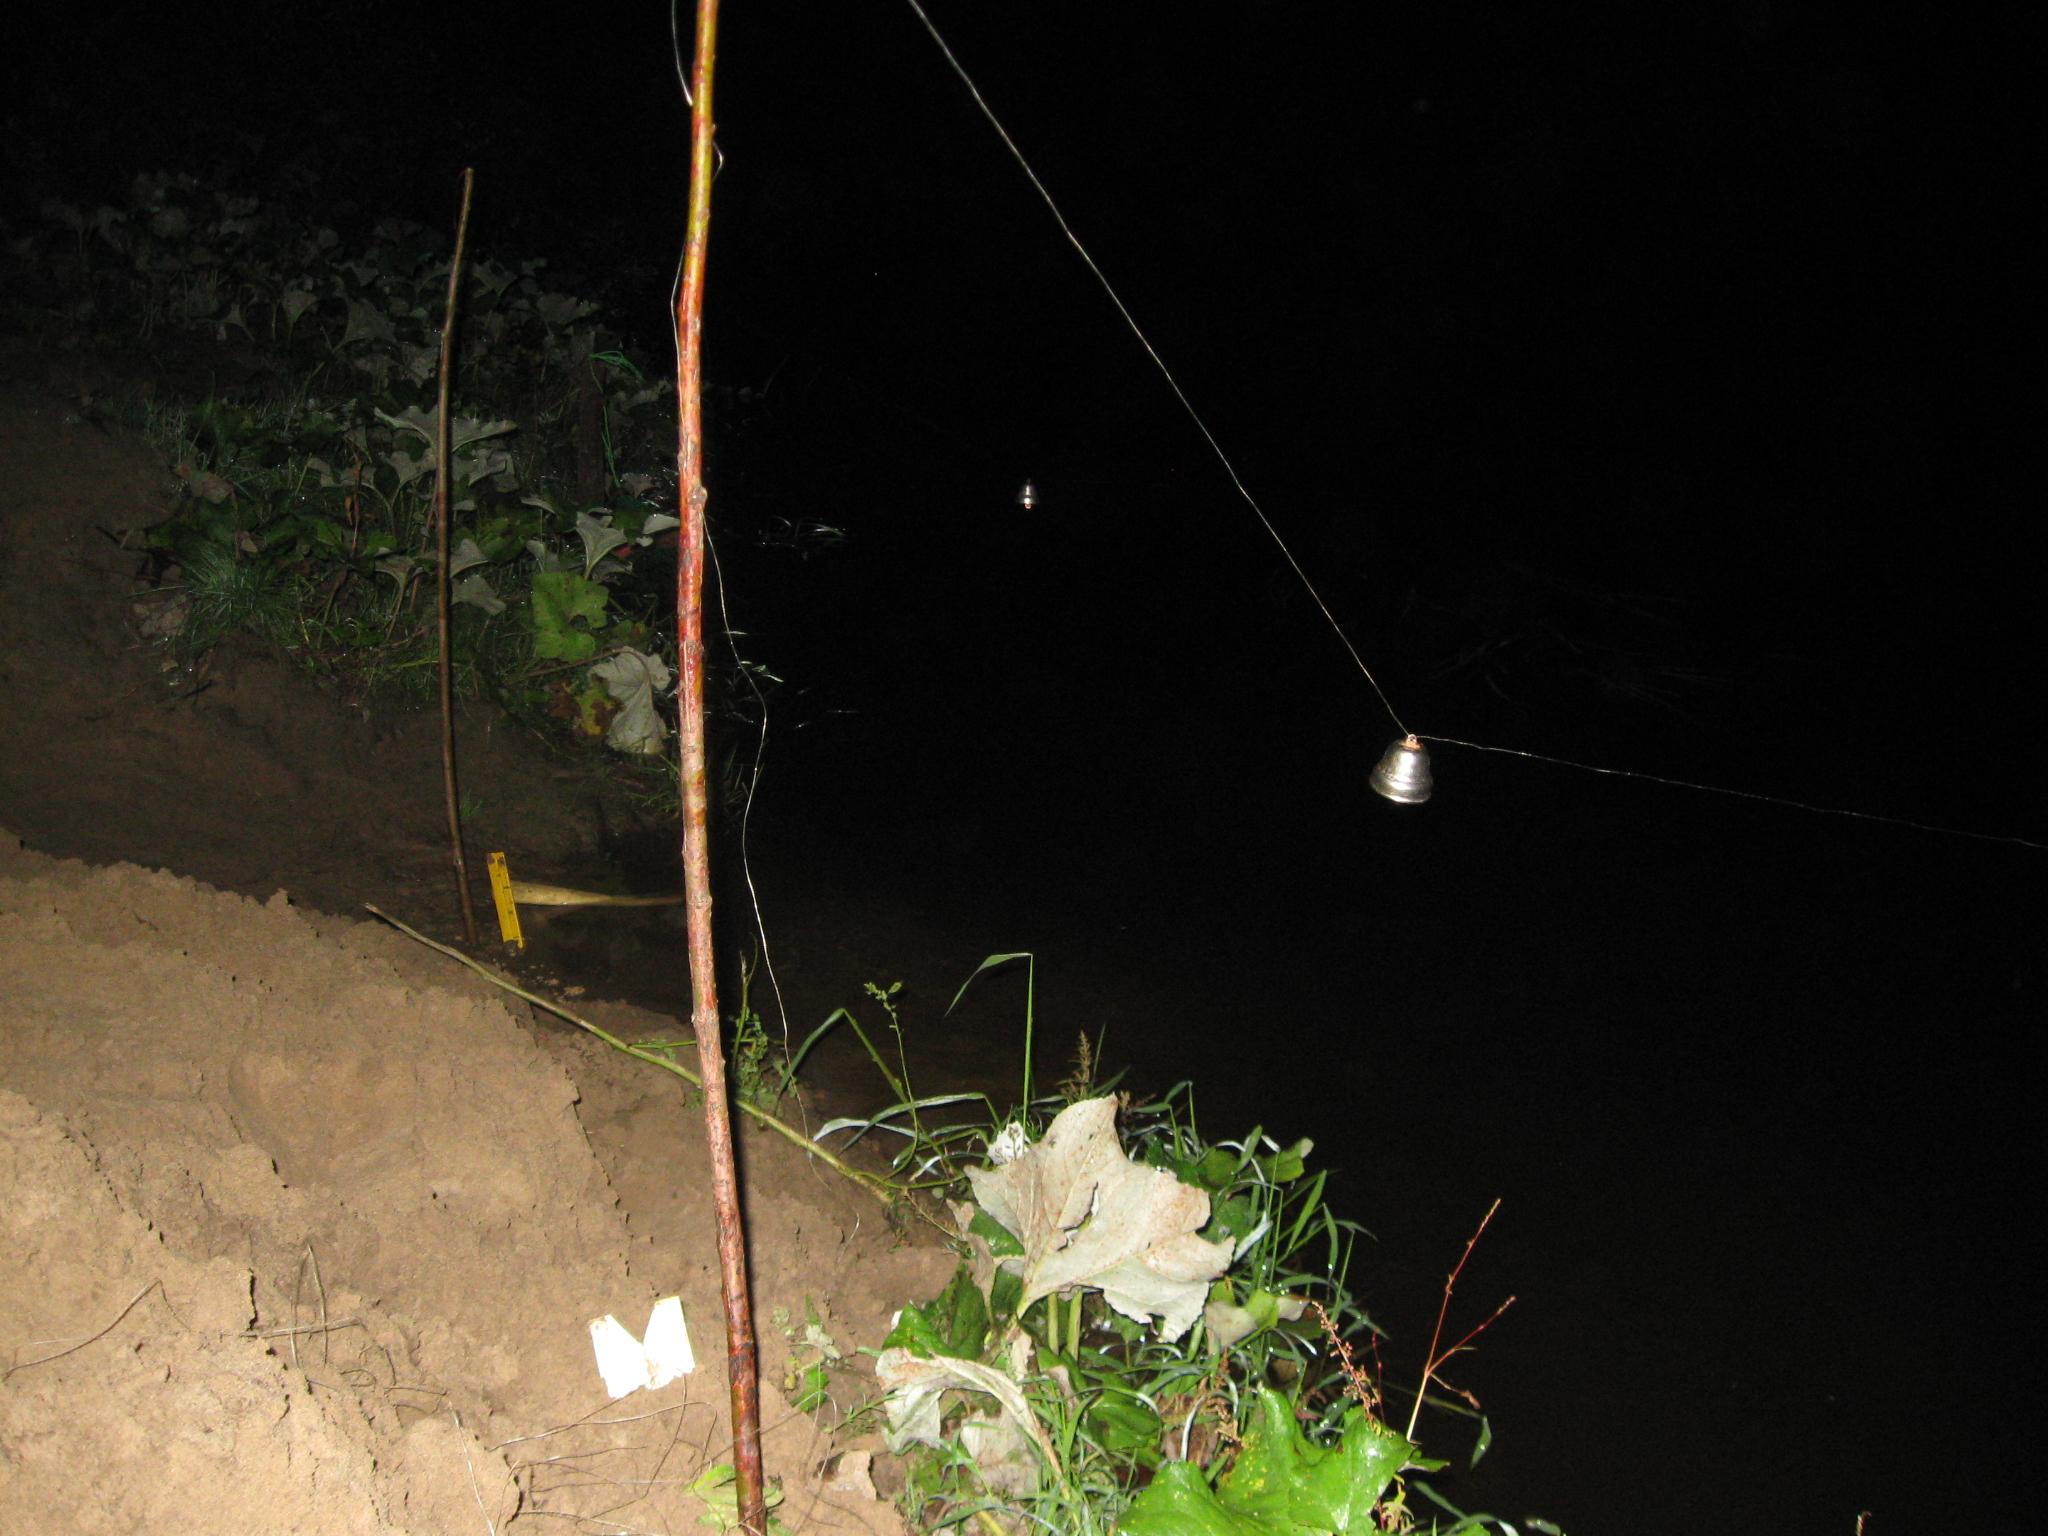 рыбалка на закидушки с колокольчиком